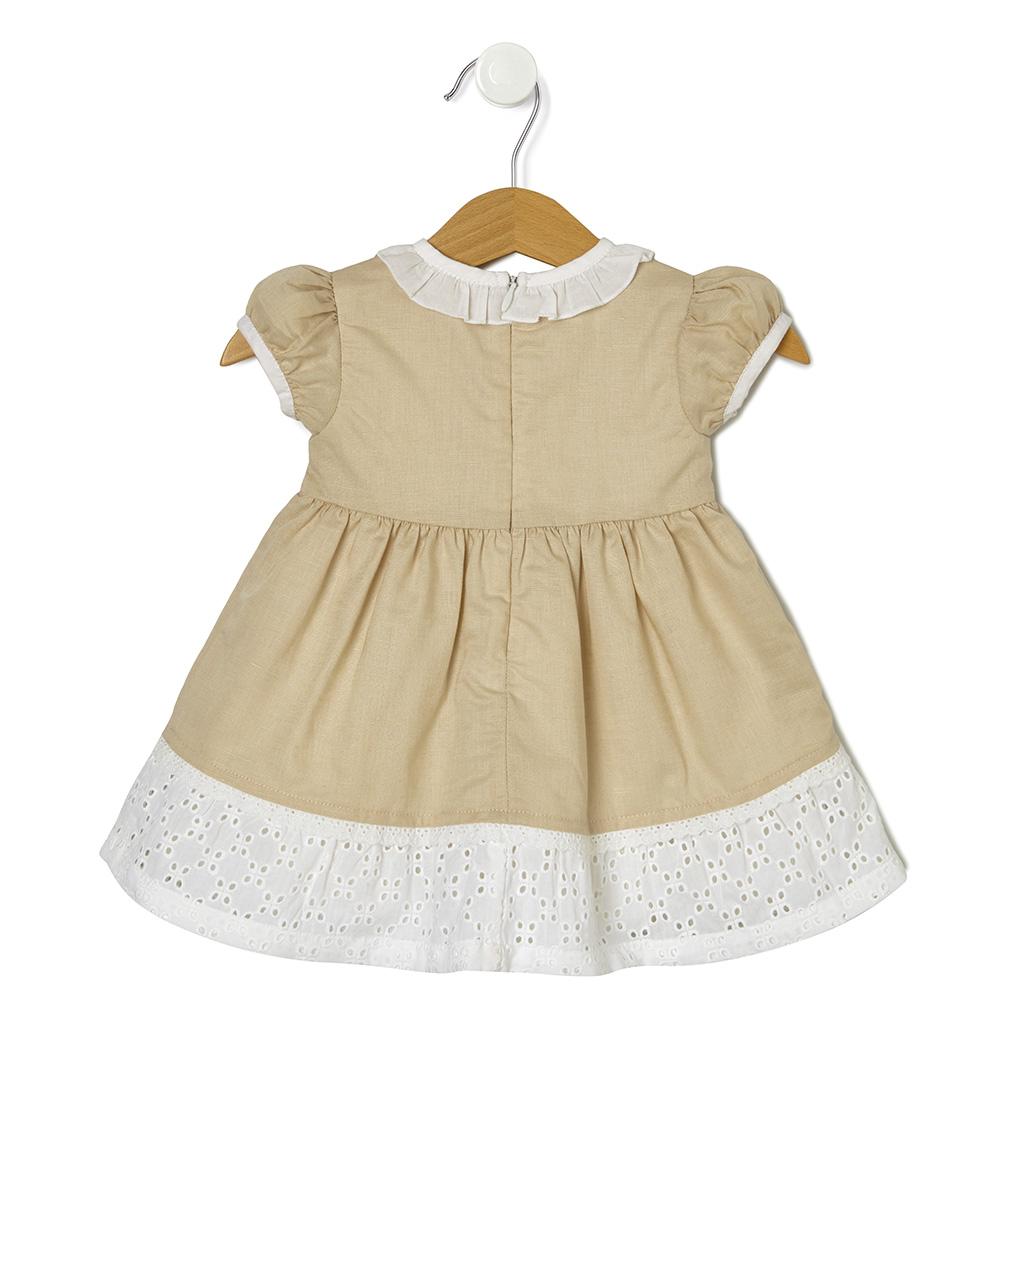 Vestido de linho com inserções de broderie anglaise - Prénatal